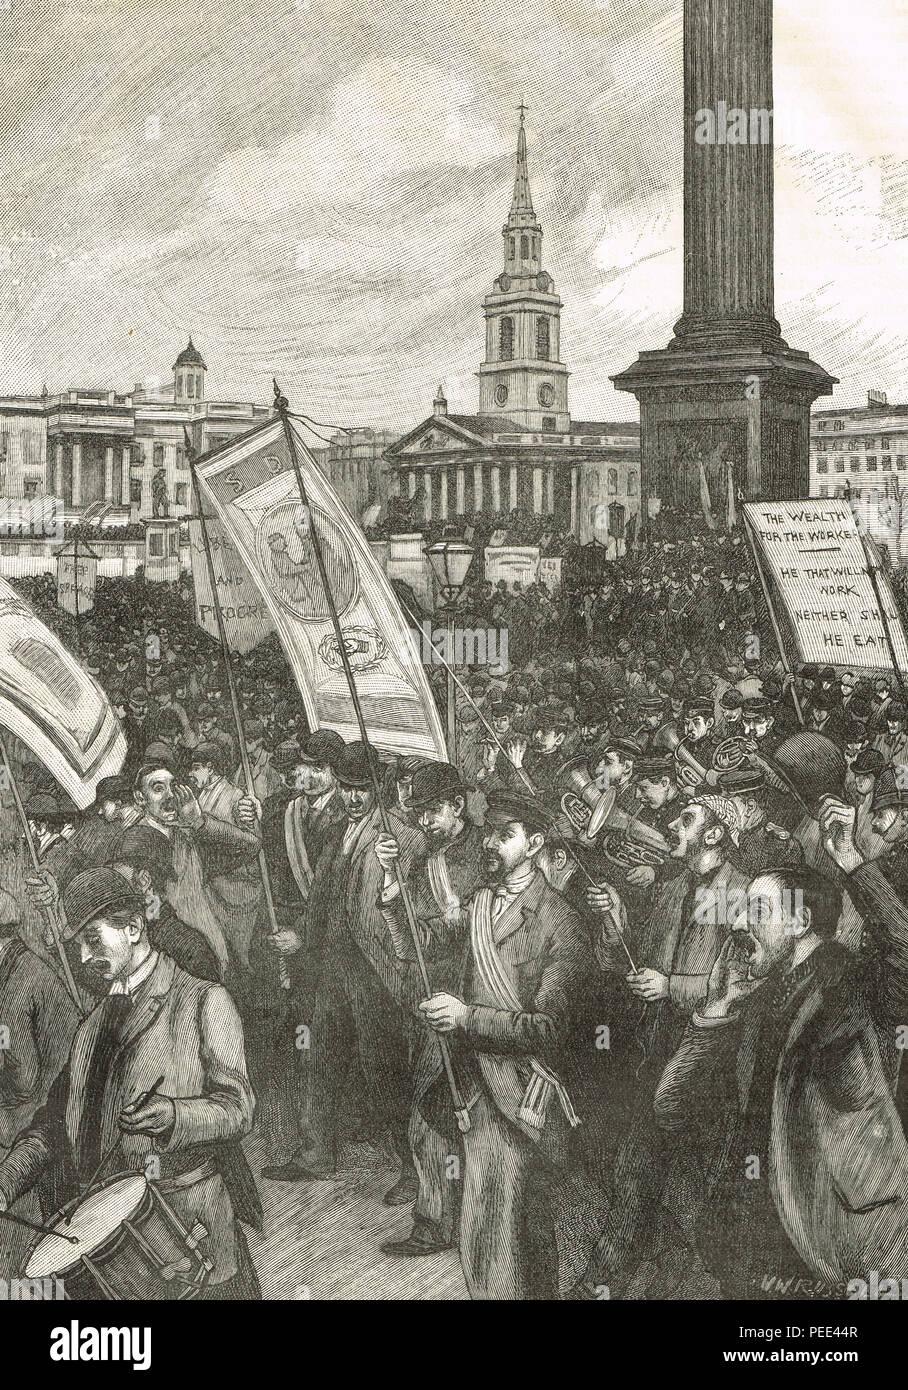 """Reunión pública en Trafalgar Square, Londres, 13 de noviembre de 1892, en conmemoración del """"domingo sangriento"""" Imagen De Stock"""